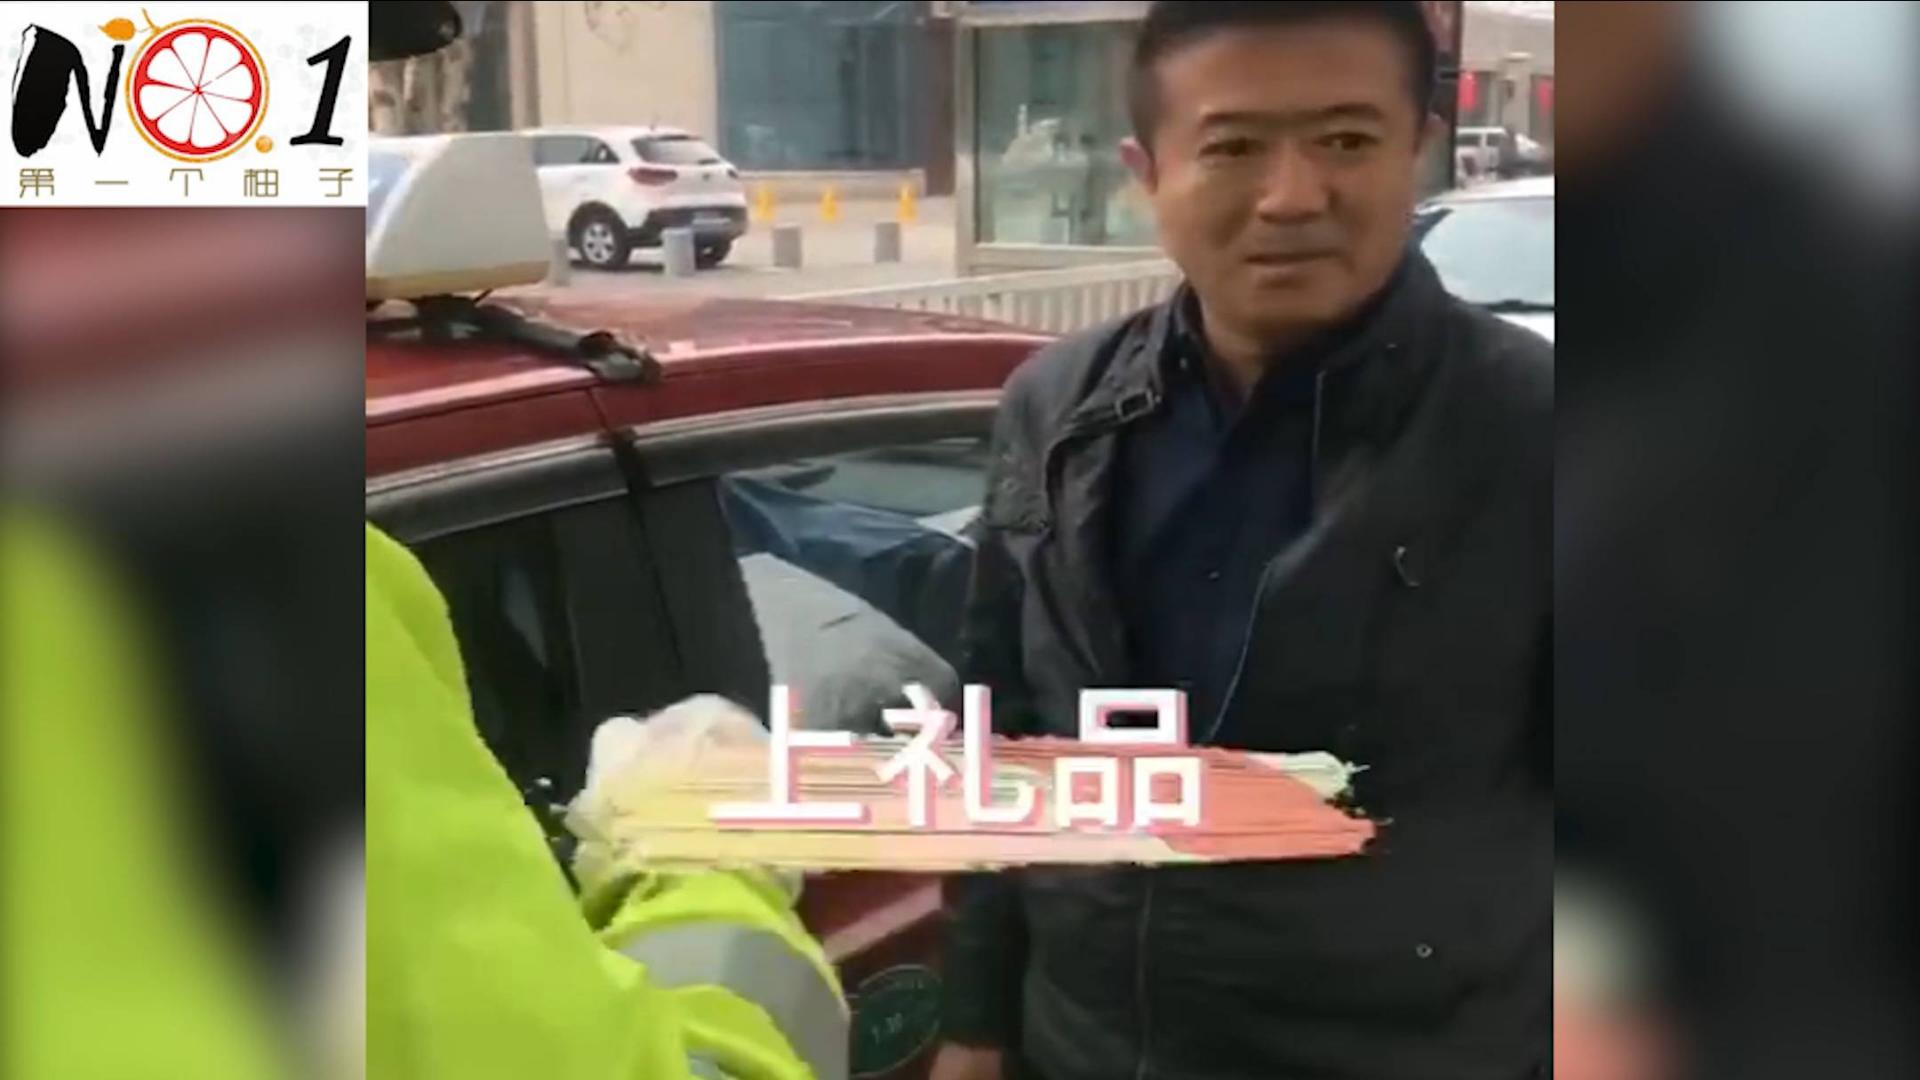 出租车司机礼让行人被拦下,工作人员:上礼物!